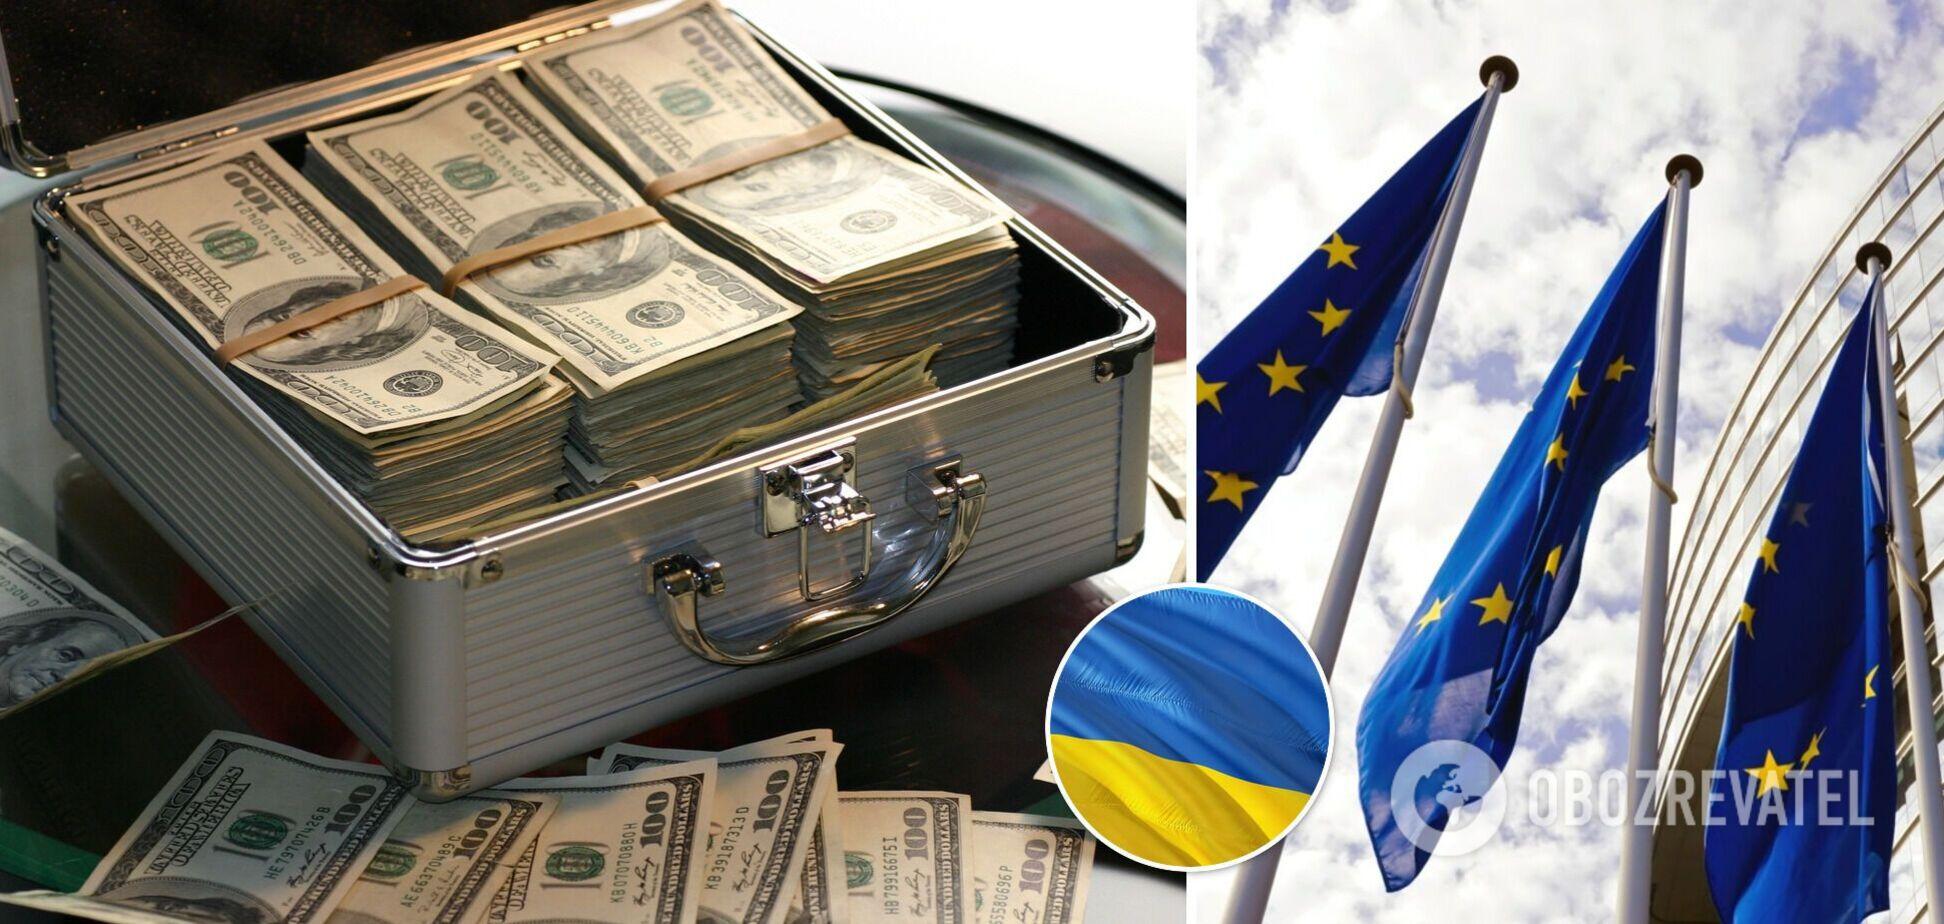 Европейский аудитор шокирован масштабами коррупции на Украине